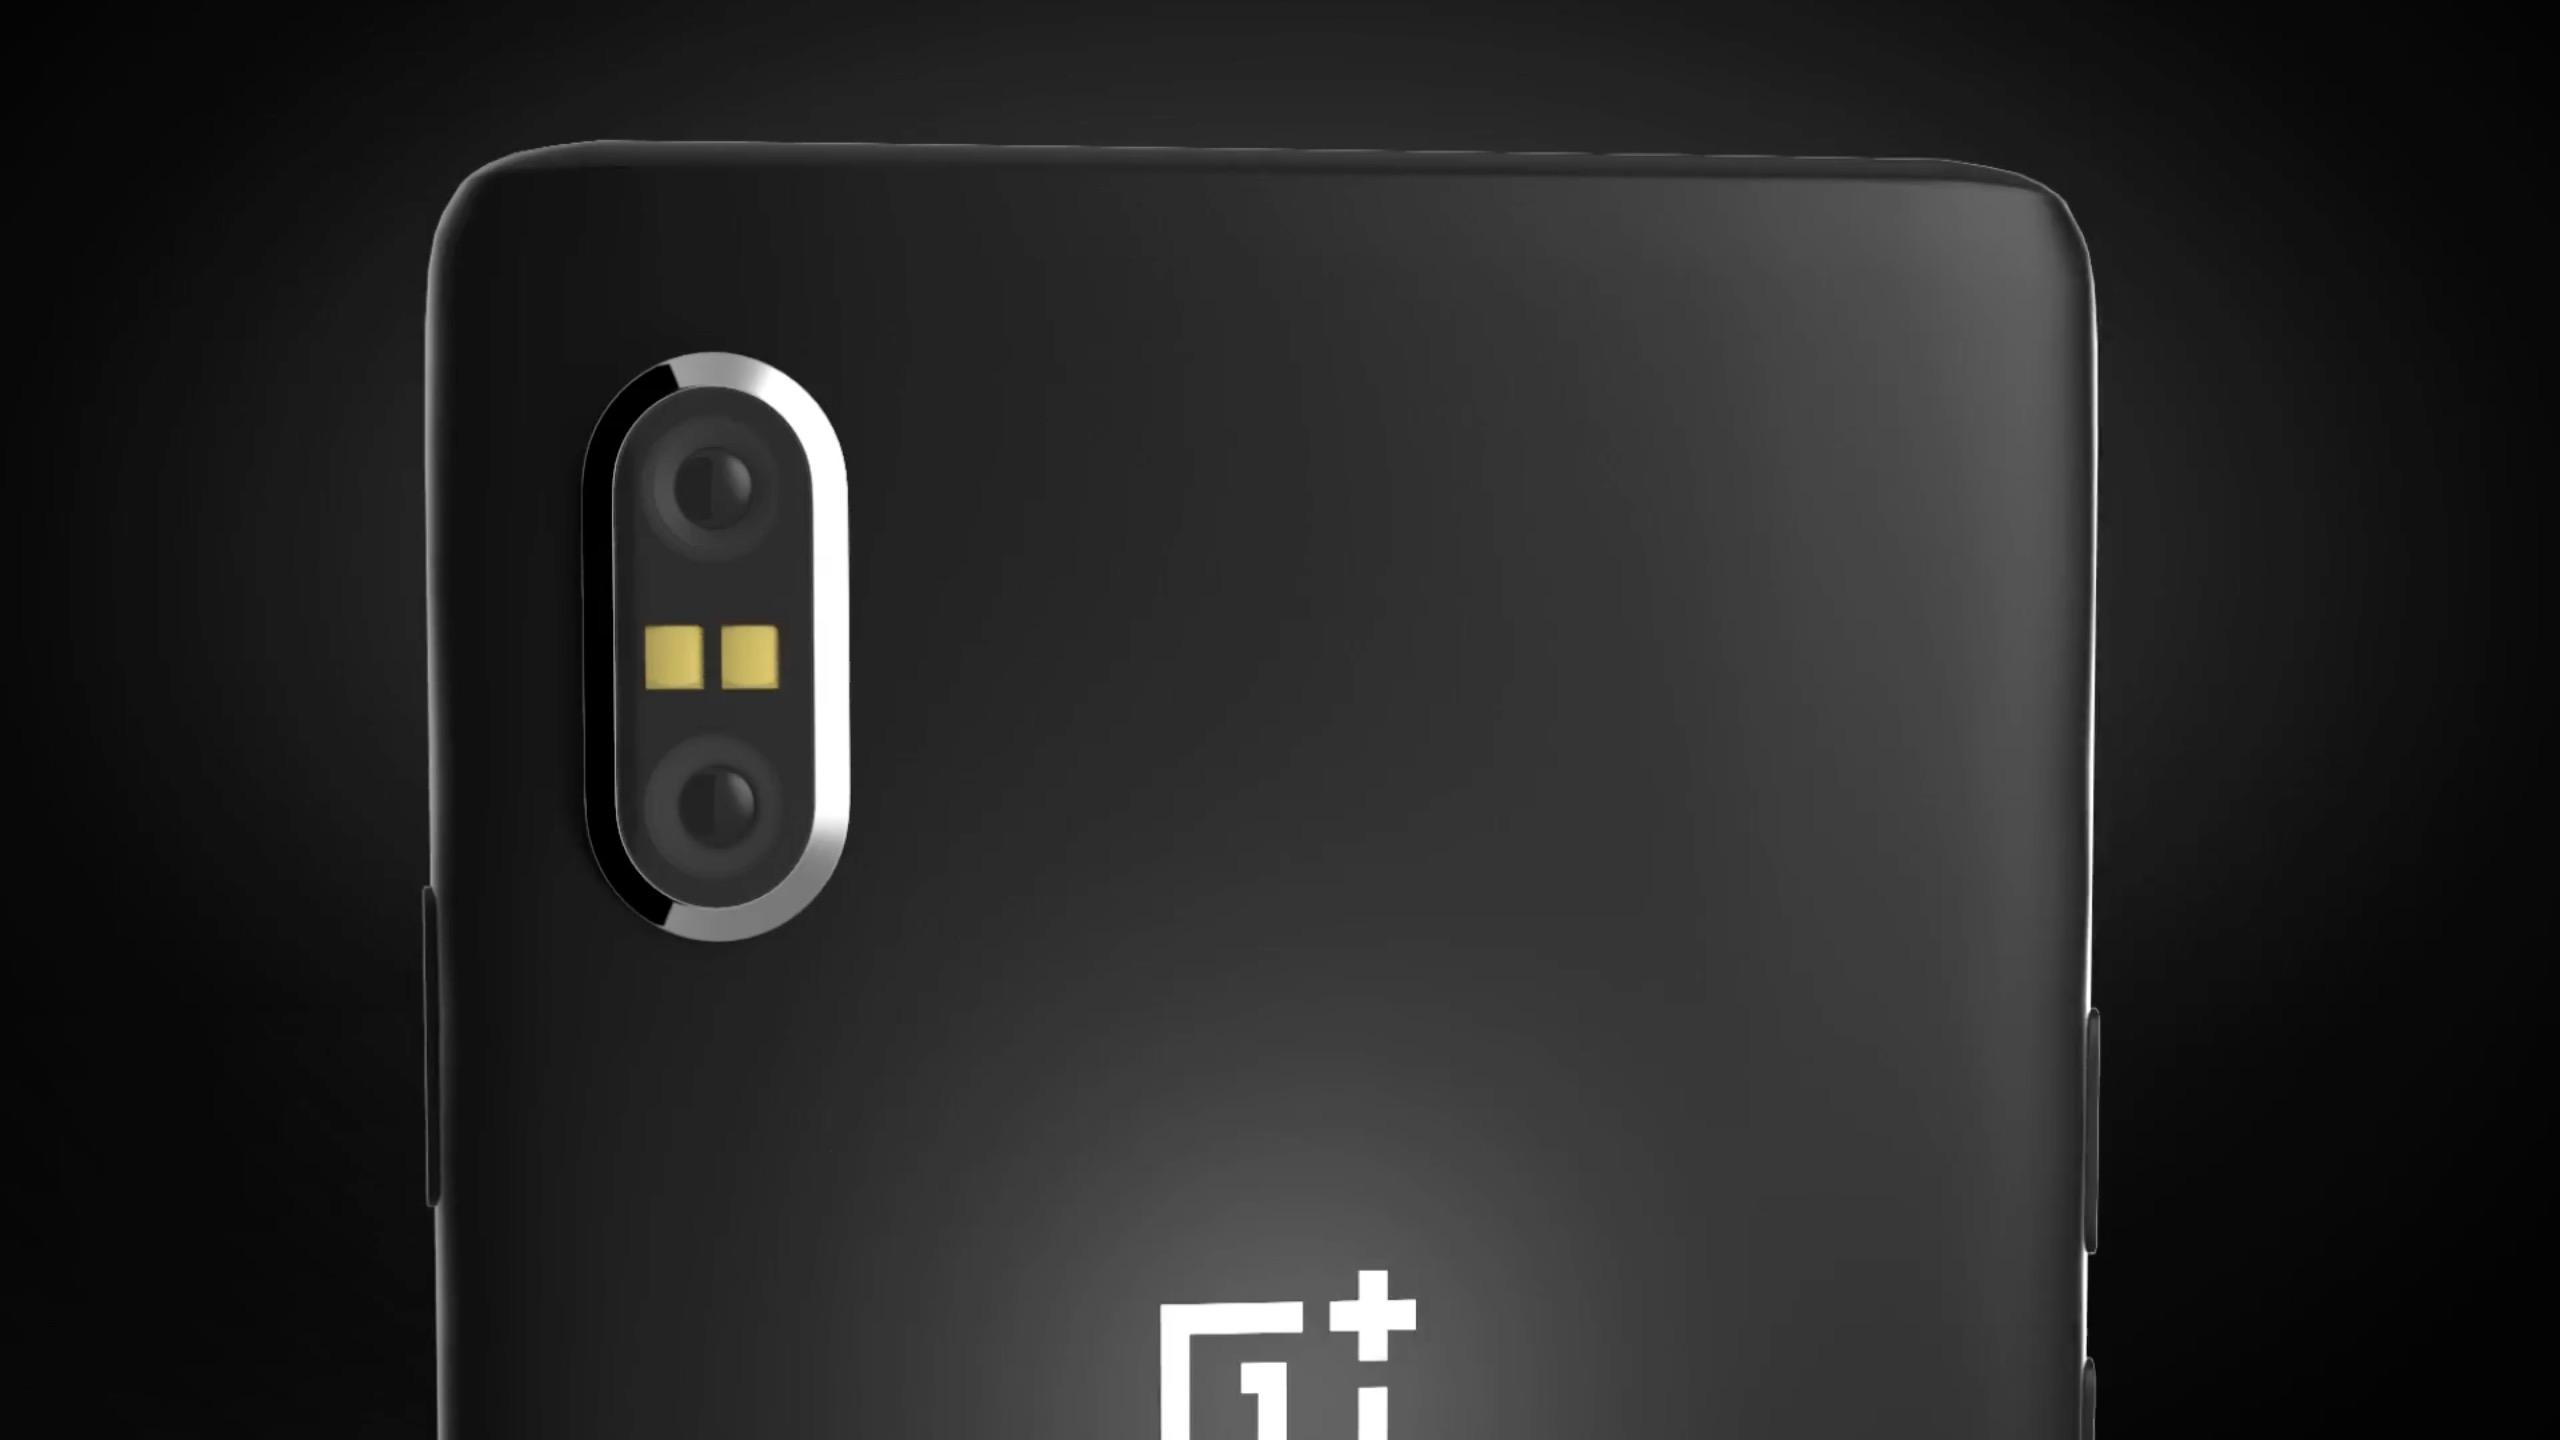 OnePlus 6 Concept